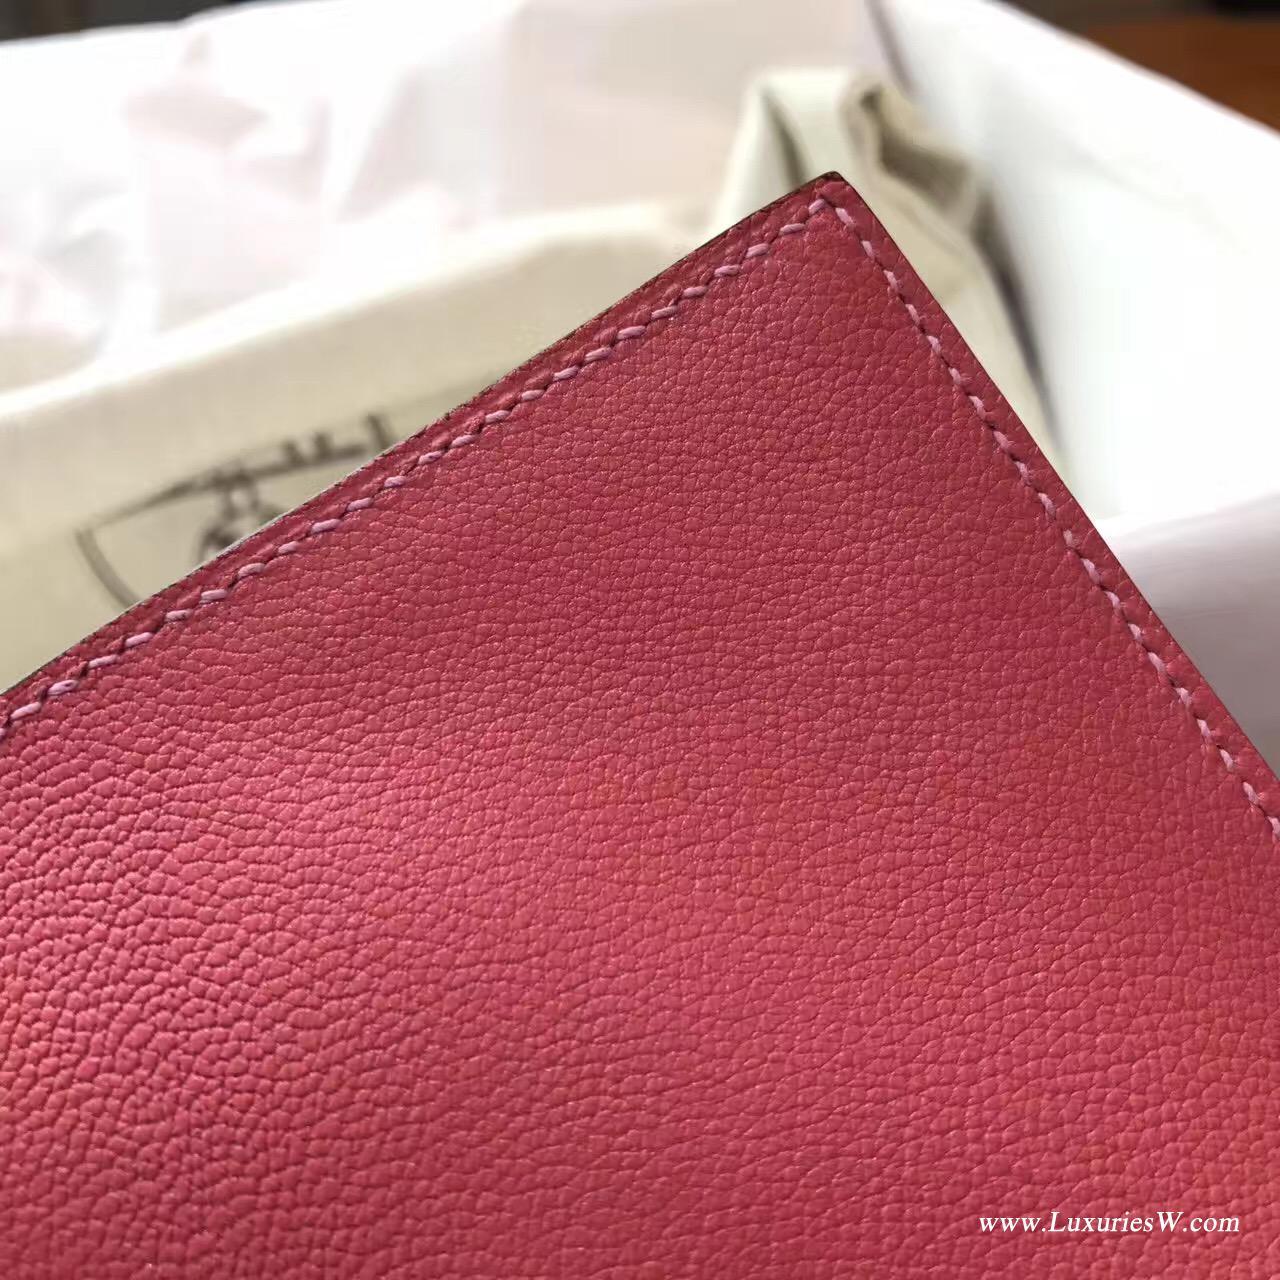 愛馬仕 Herems Verrou Chaine bag 手包最新款手包 8W Rose Azalee 新唇膏粉色銀扣